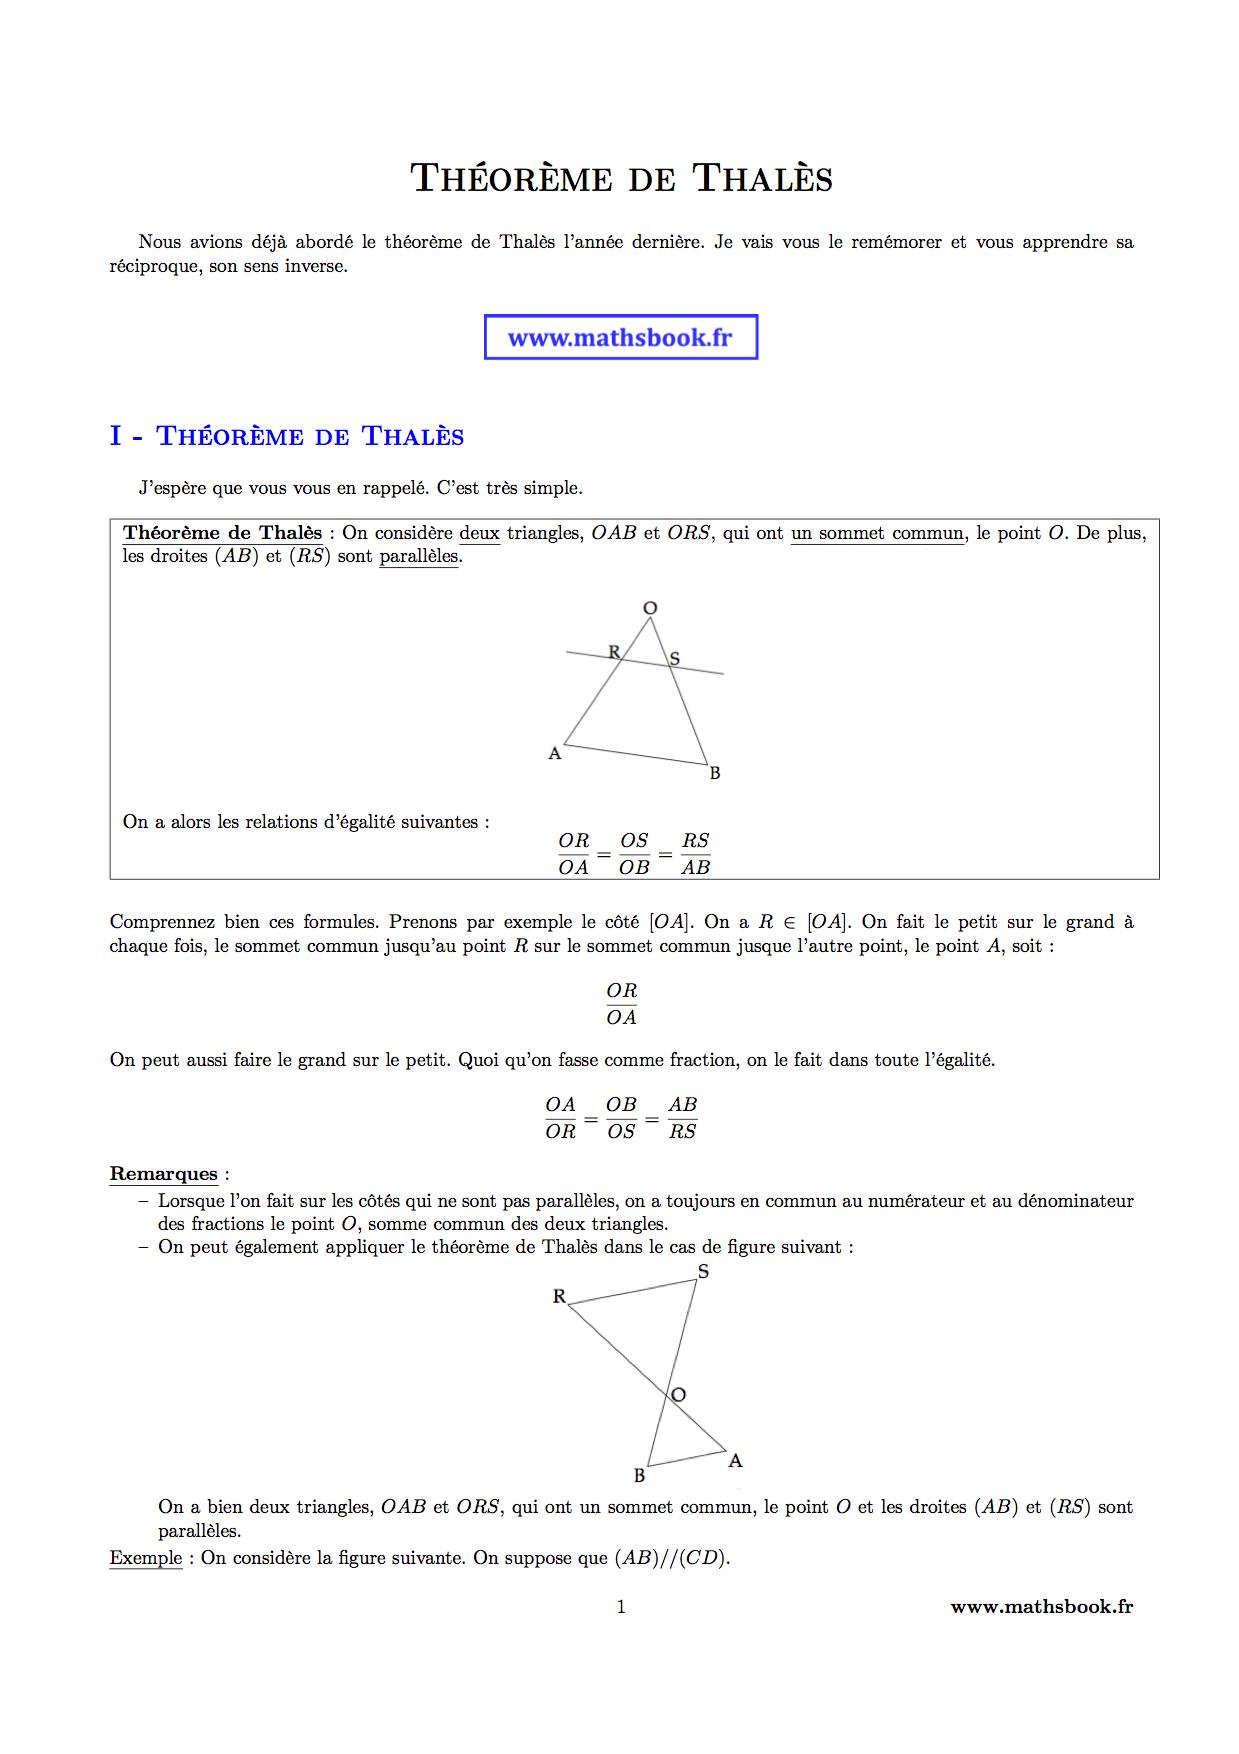 Théorème de Thalès : Cours PDF à imprimer | Maths 3ème